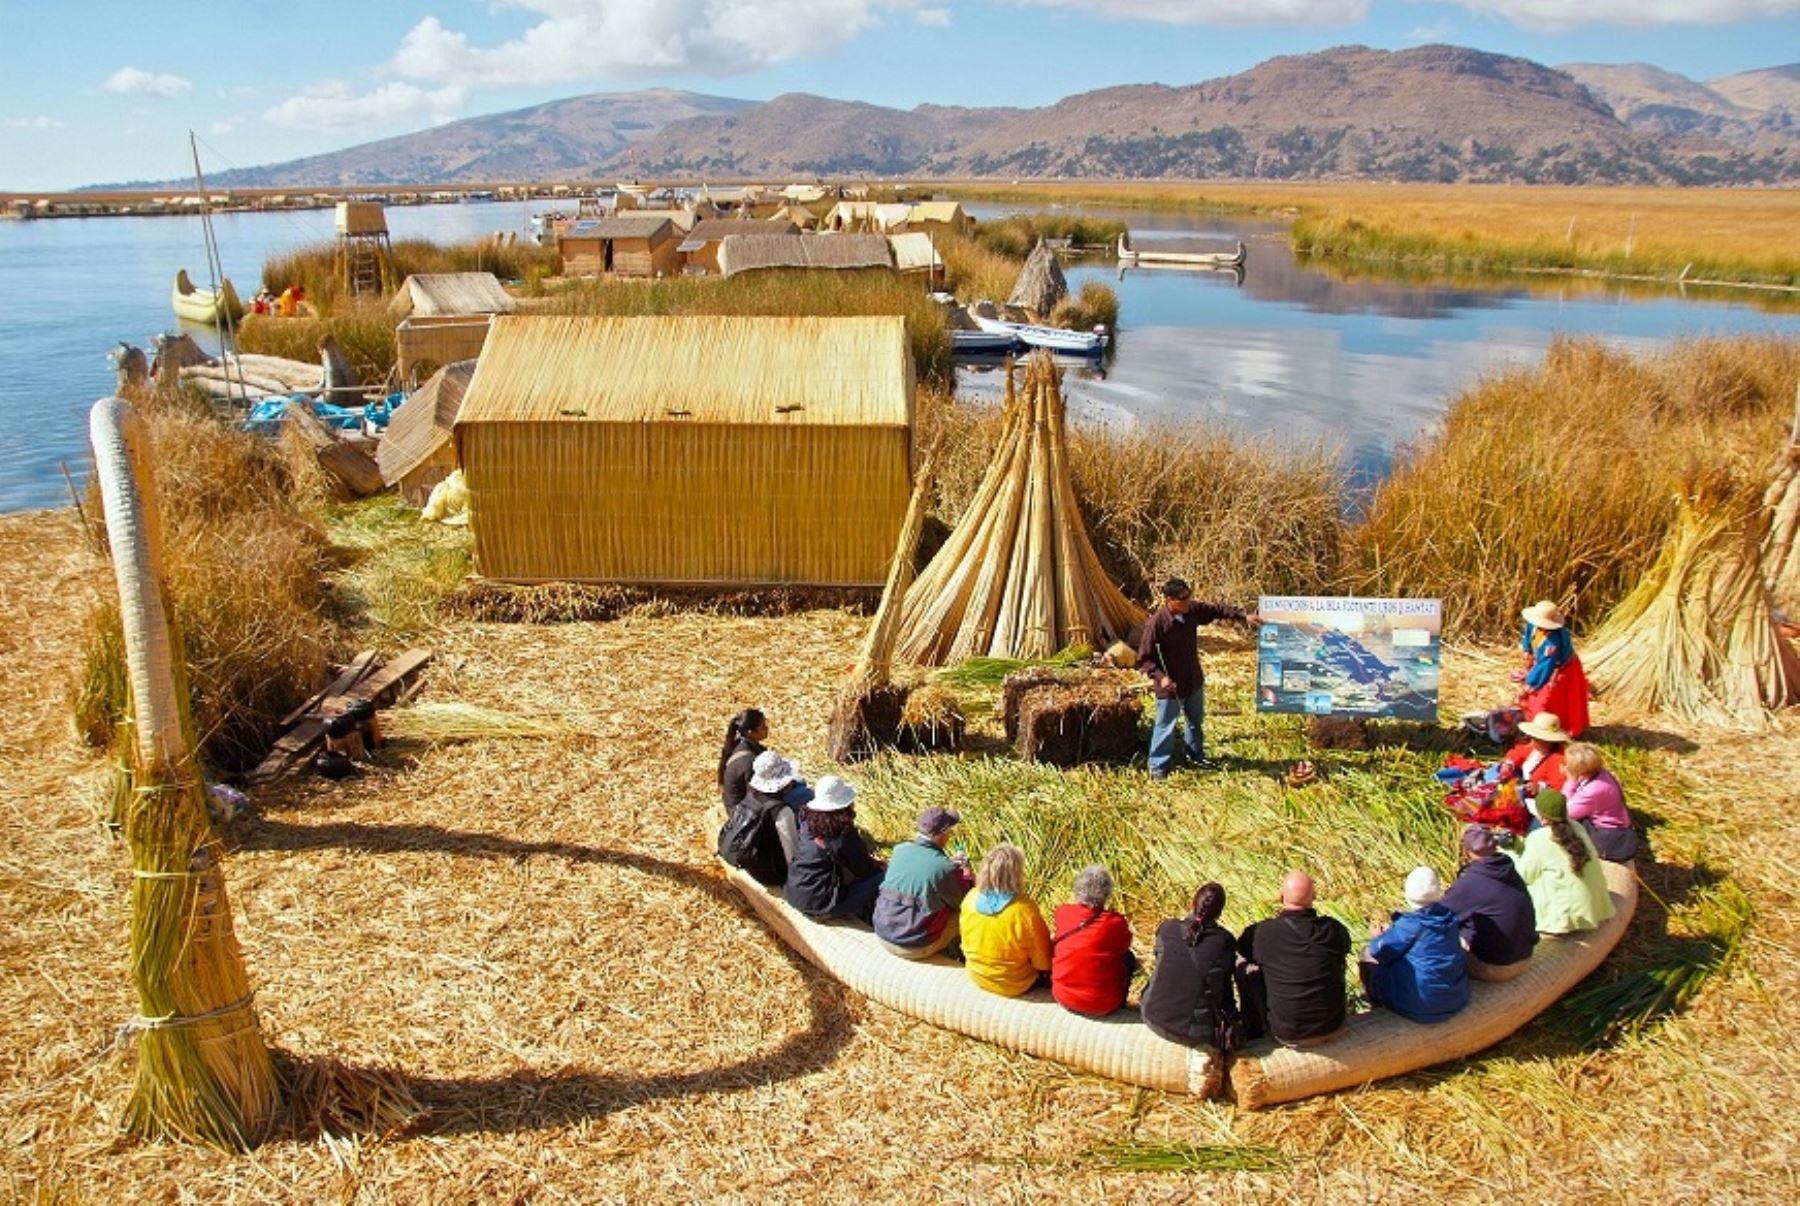 Turismo rural comunitario en islas de Los Uros en el lago Titicaca. Foto: Mincetur.